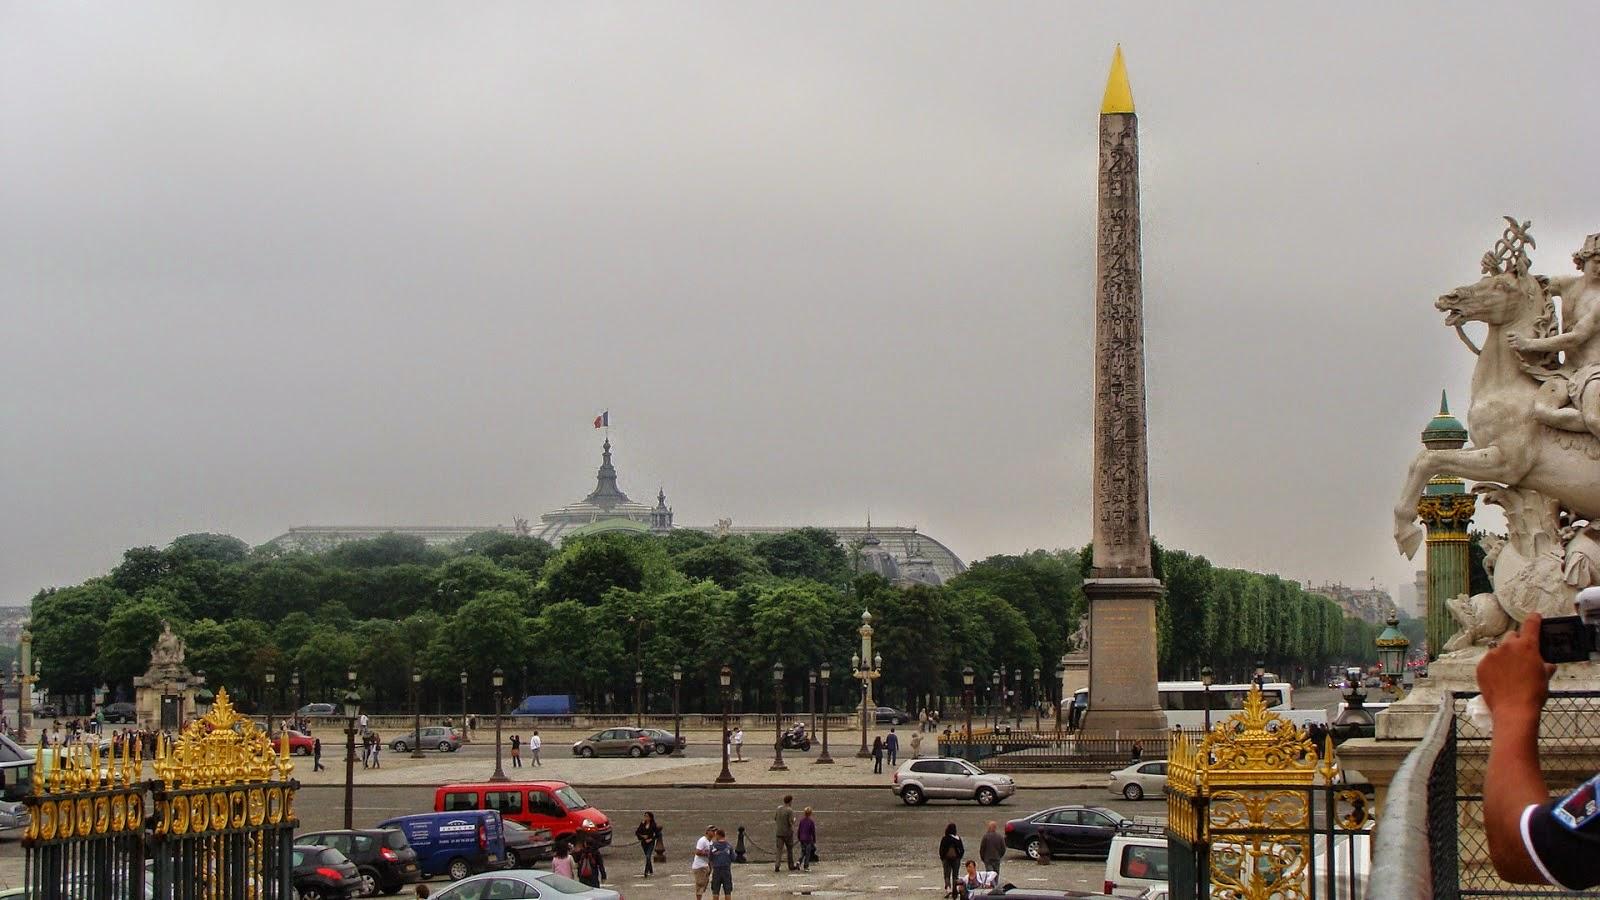 ေ မ ာ င္ ရ င္ င ေ တ  – ပါ ရီ ပုံ ရိ ပ္ မ် ာ း (Concorde ကြန္းေကာ့ဒ္ အမည္ရ Obélisque de Louxor ေက်ာက္တိုင္)